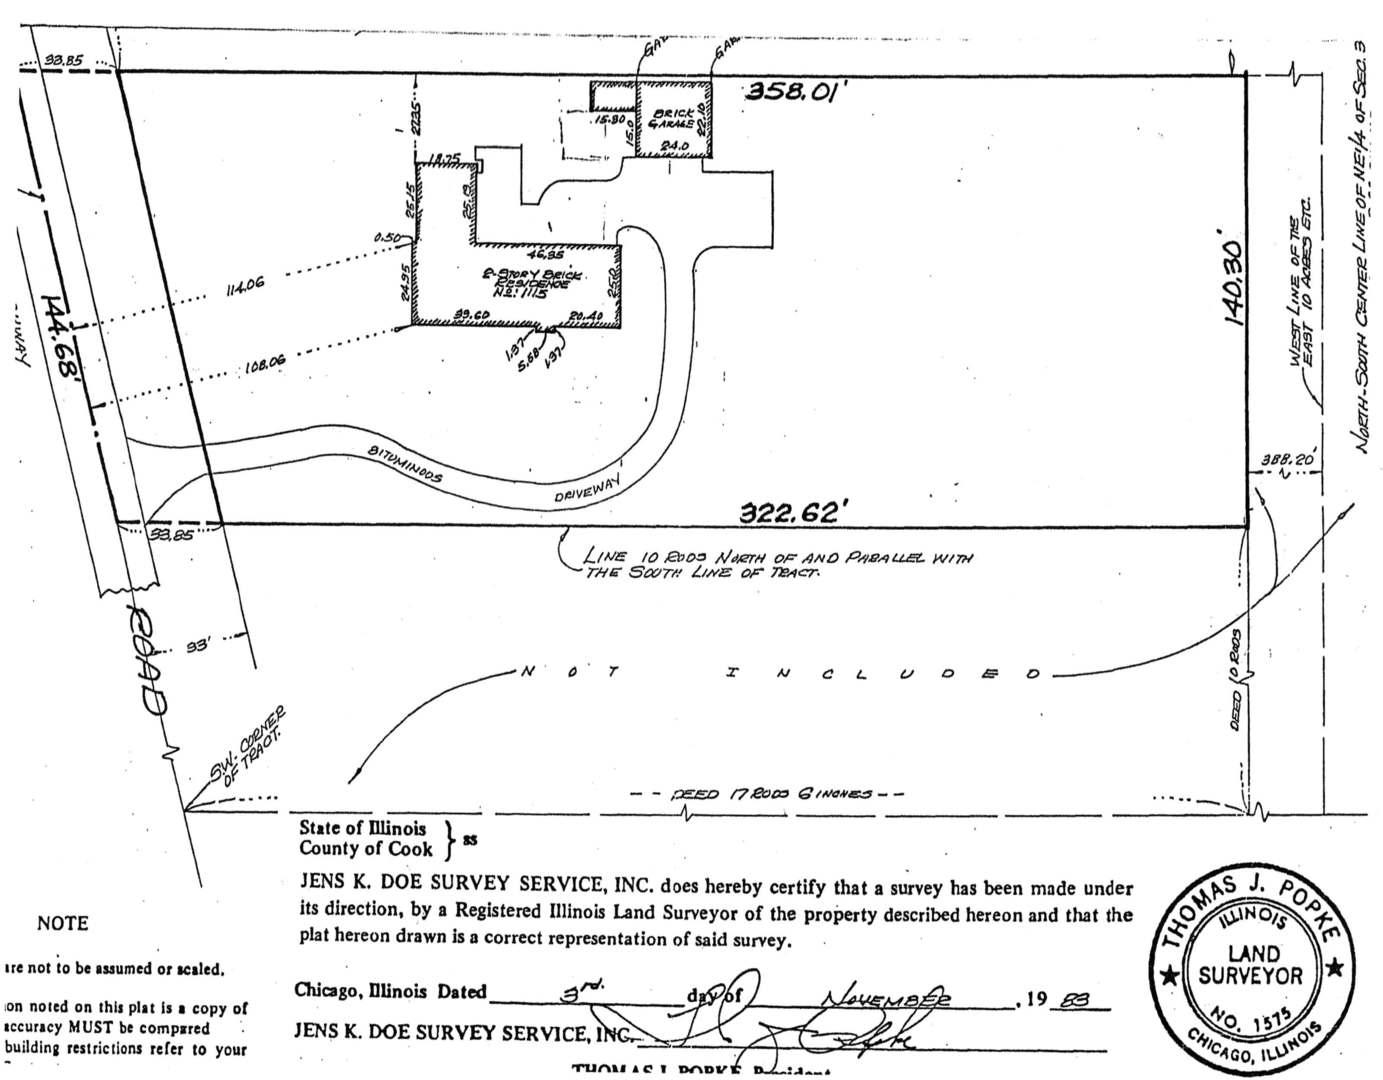 1115 Shermer Road, Glenview, Illinois